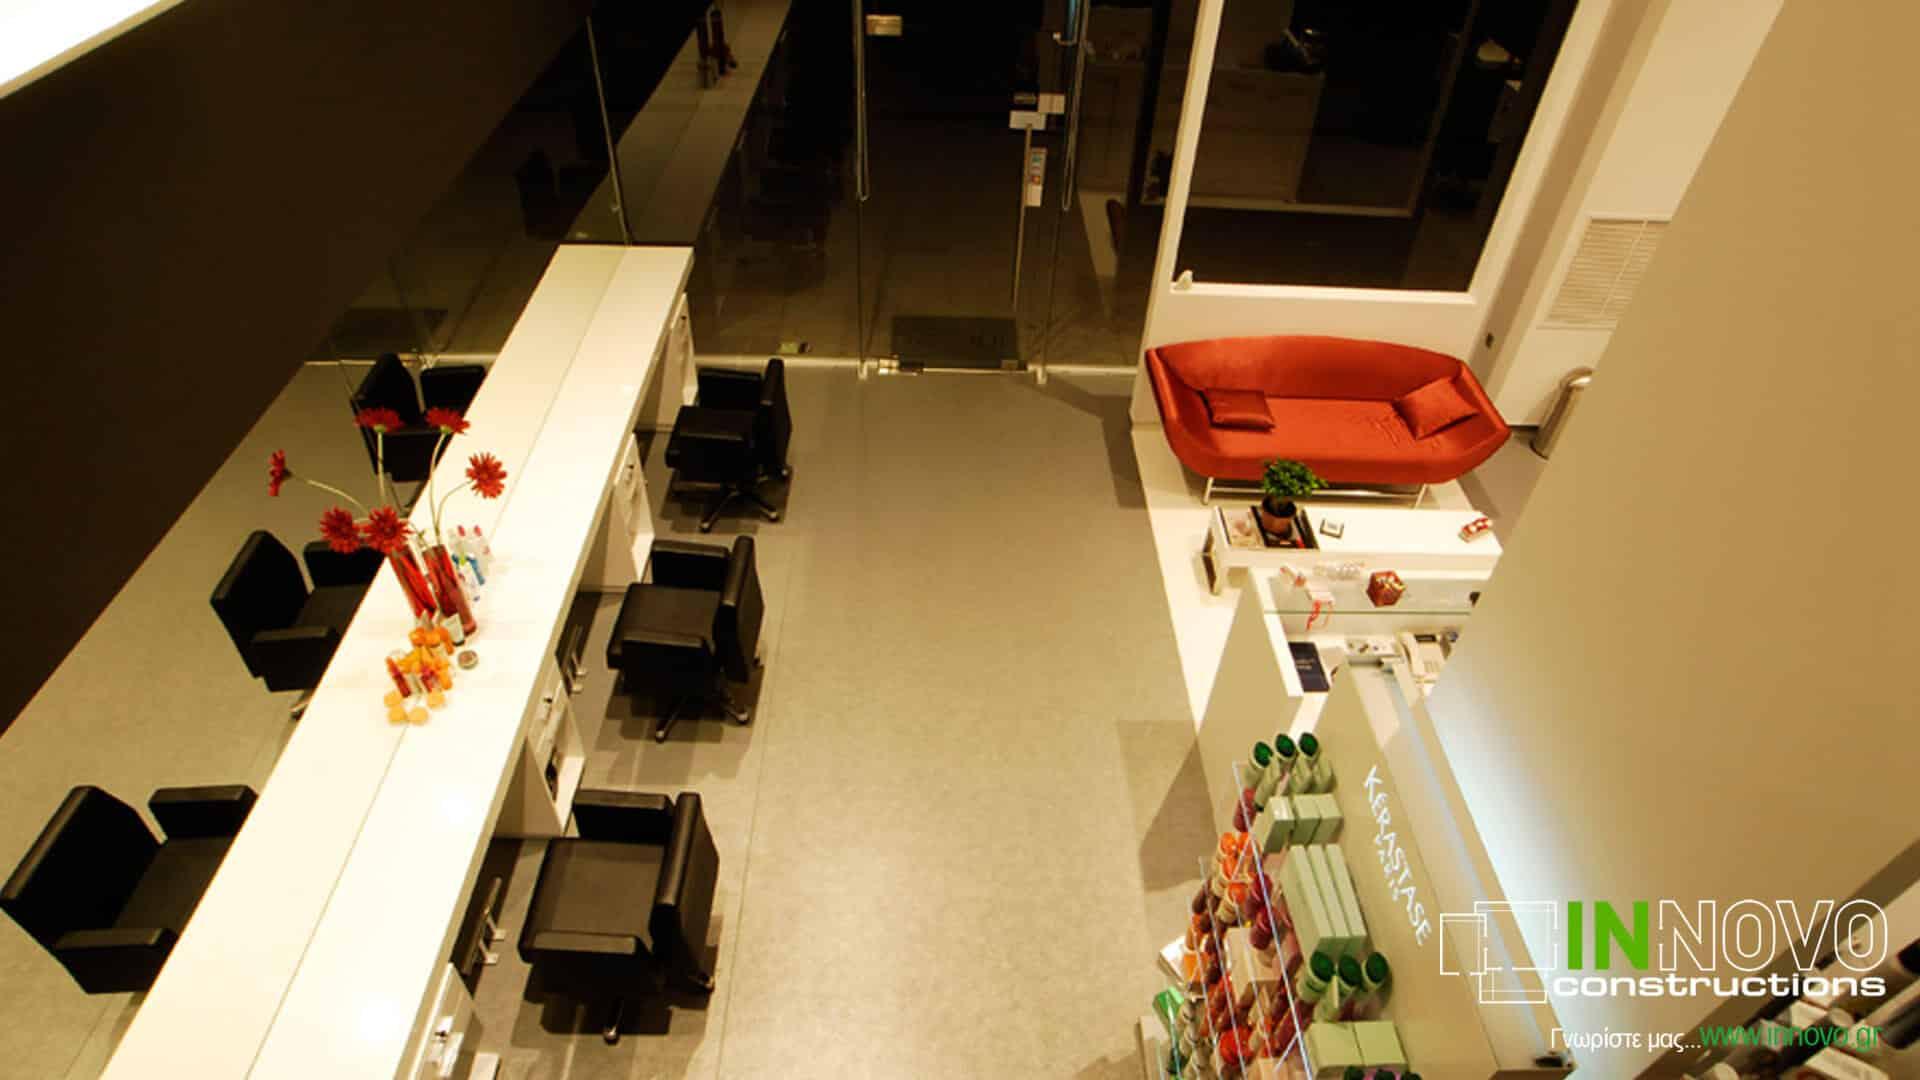 diakosmisi-kommotiriou-hairdressers-design-kommotirio-lazarou-869-8